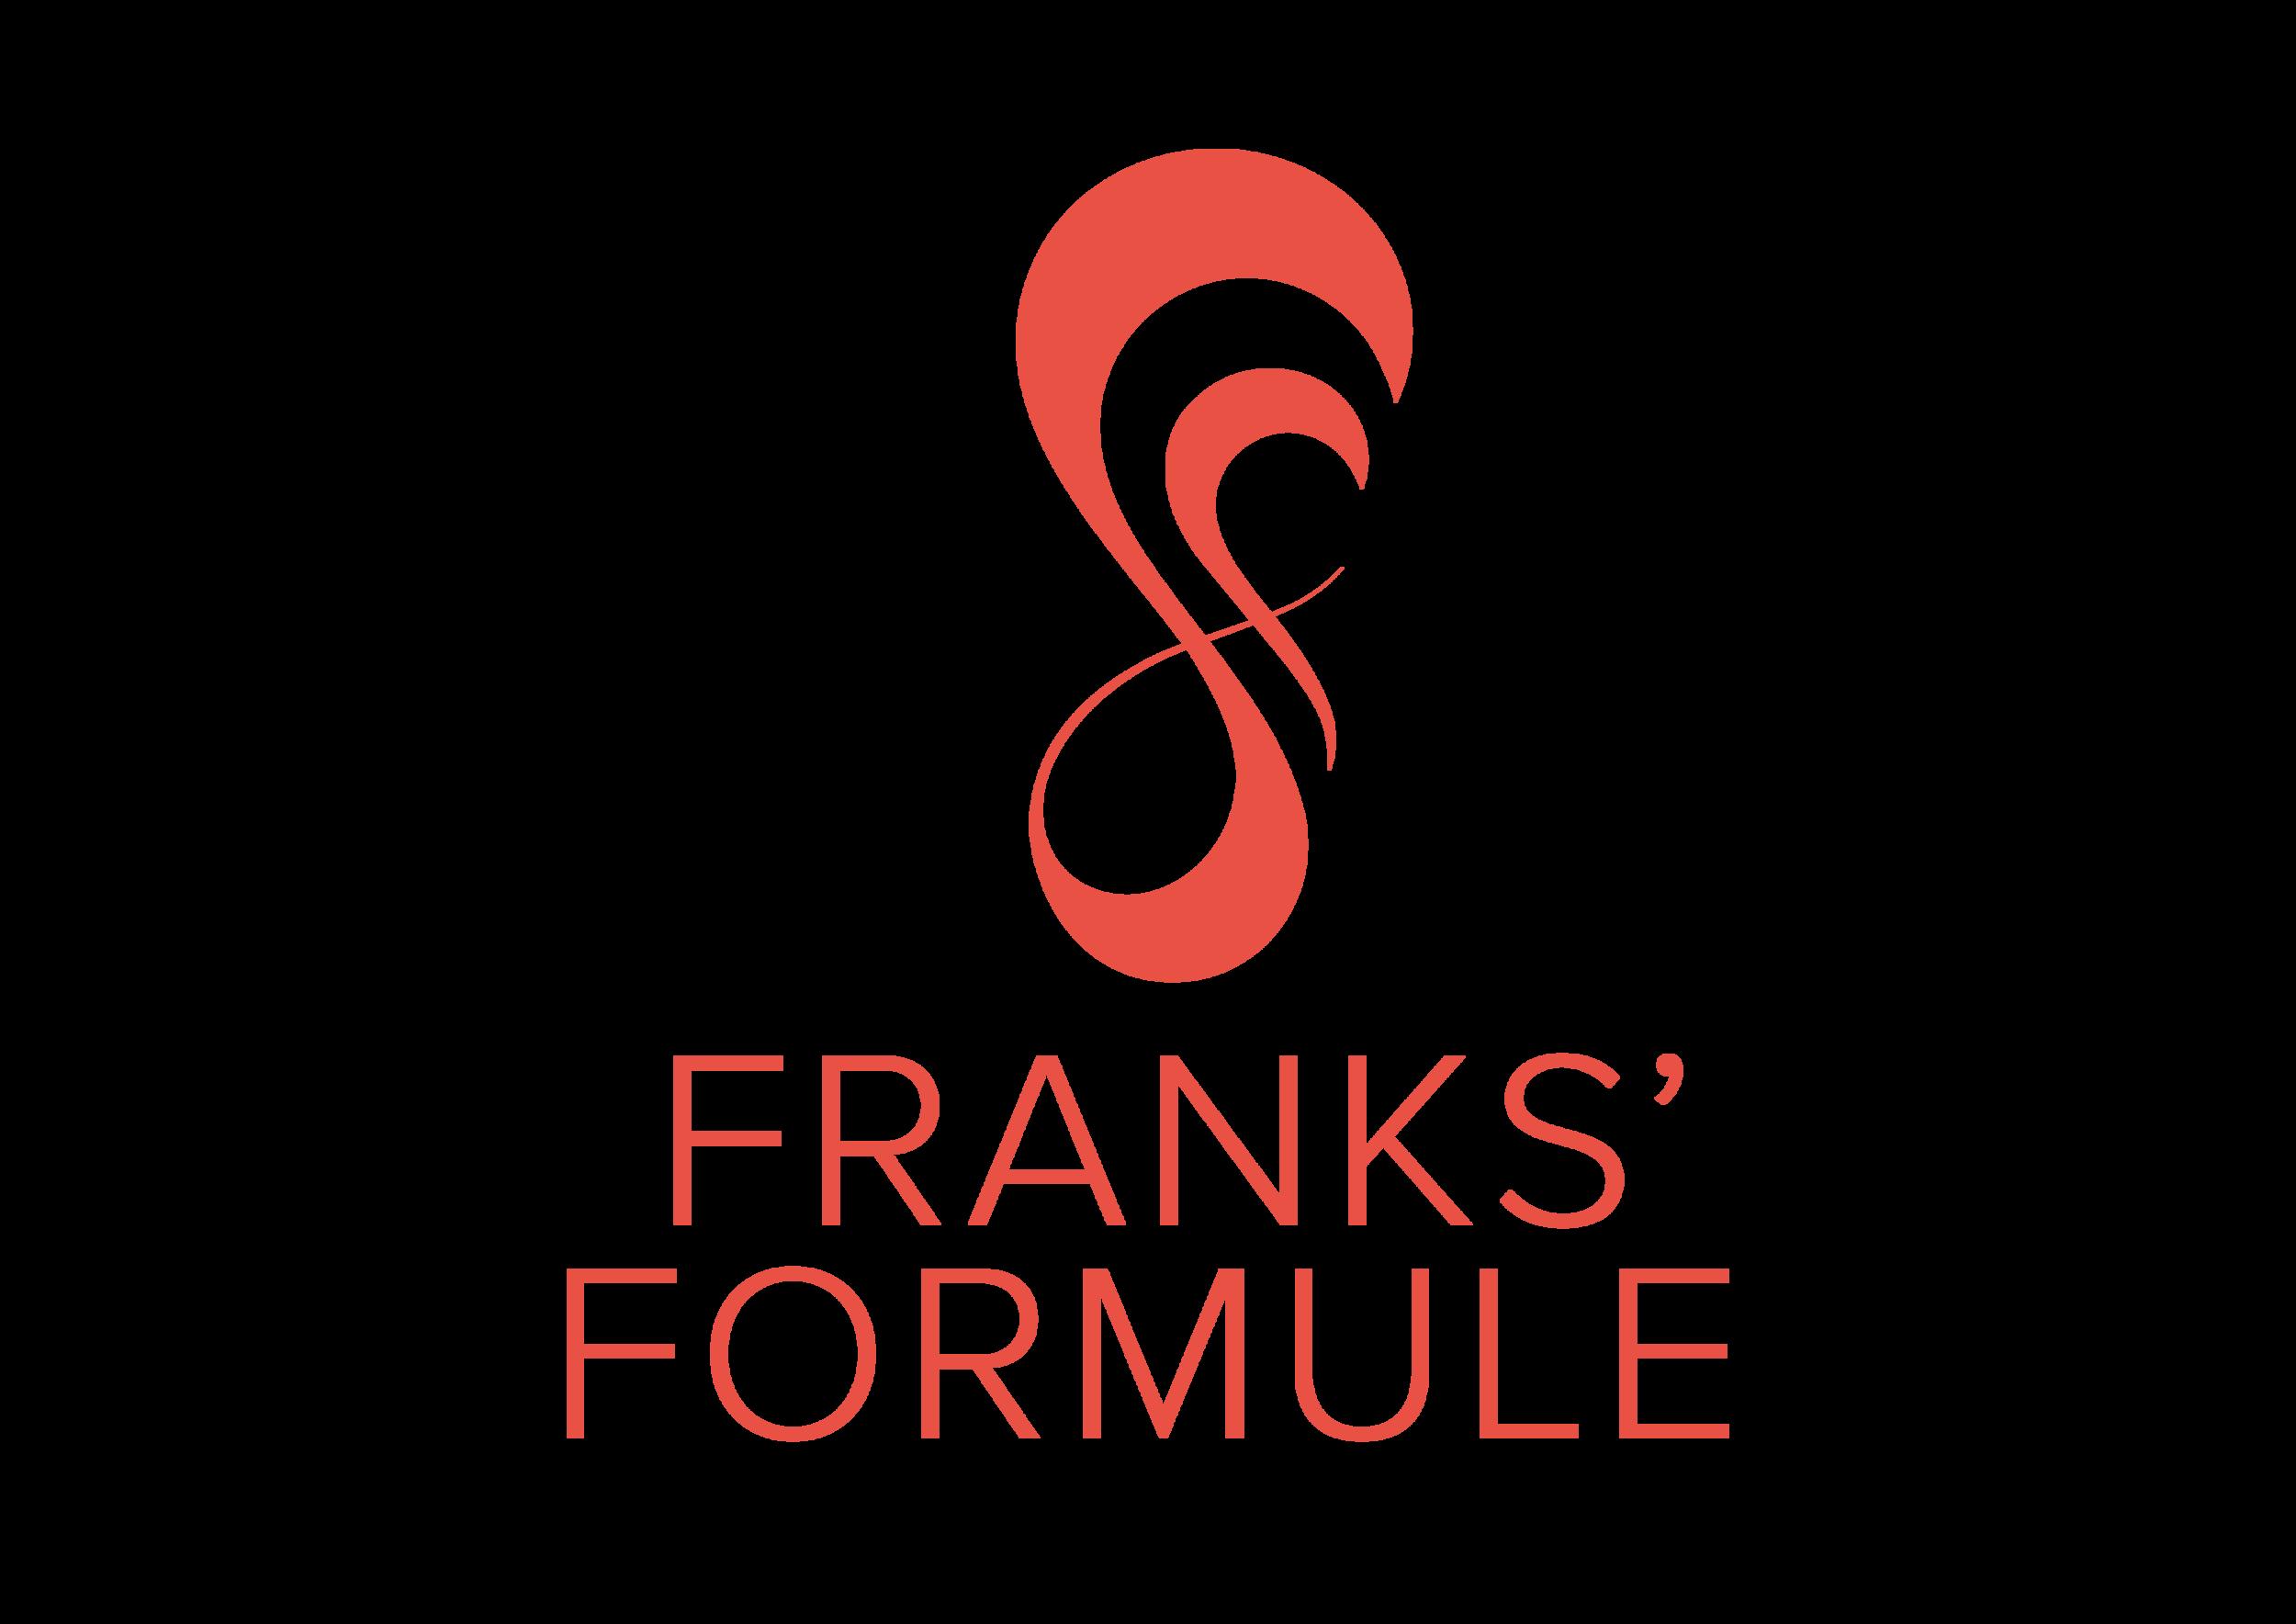 FranksFormule-_LogoLockup-Coral.png